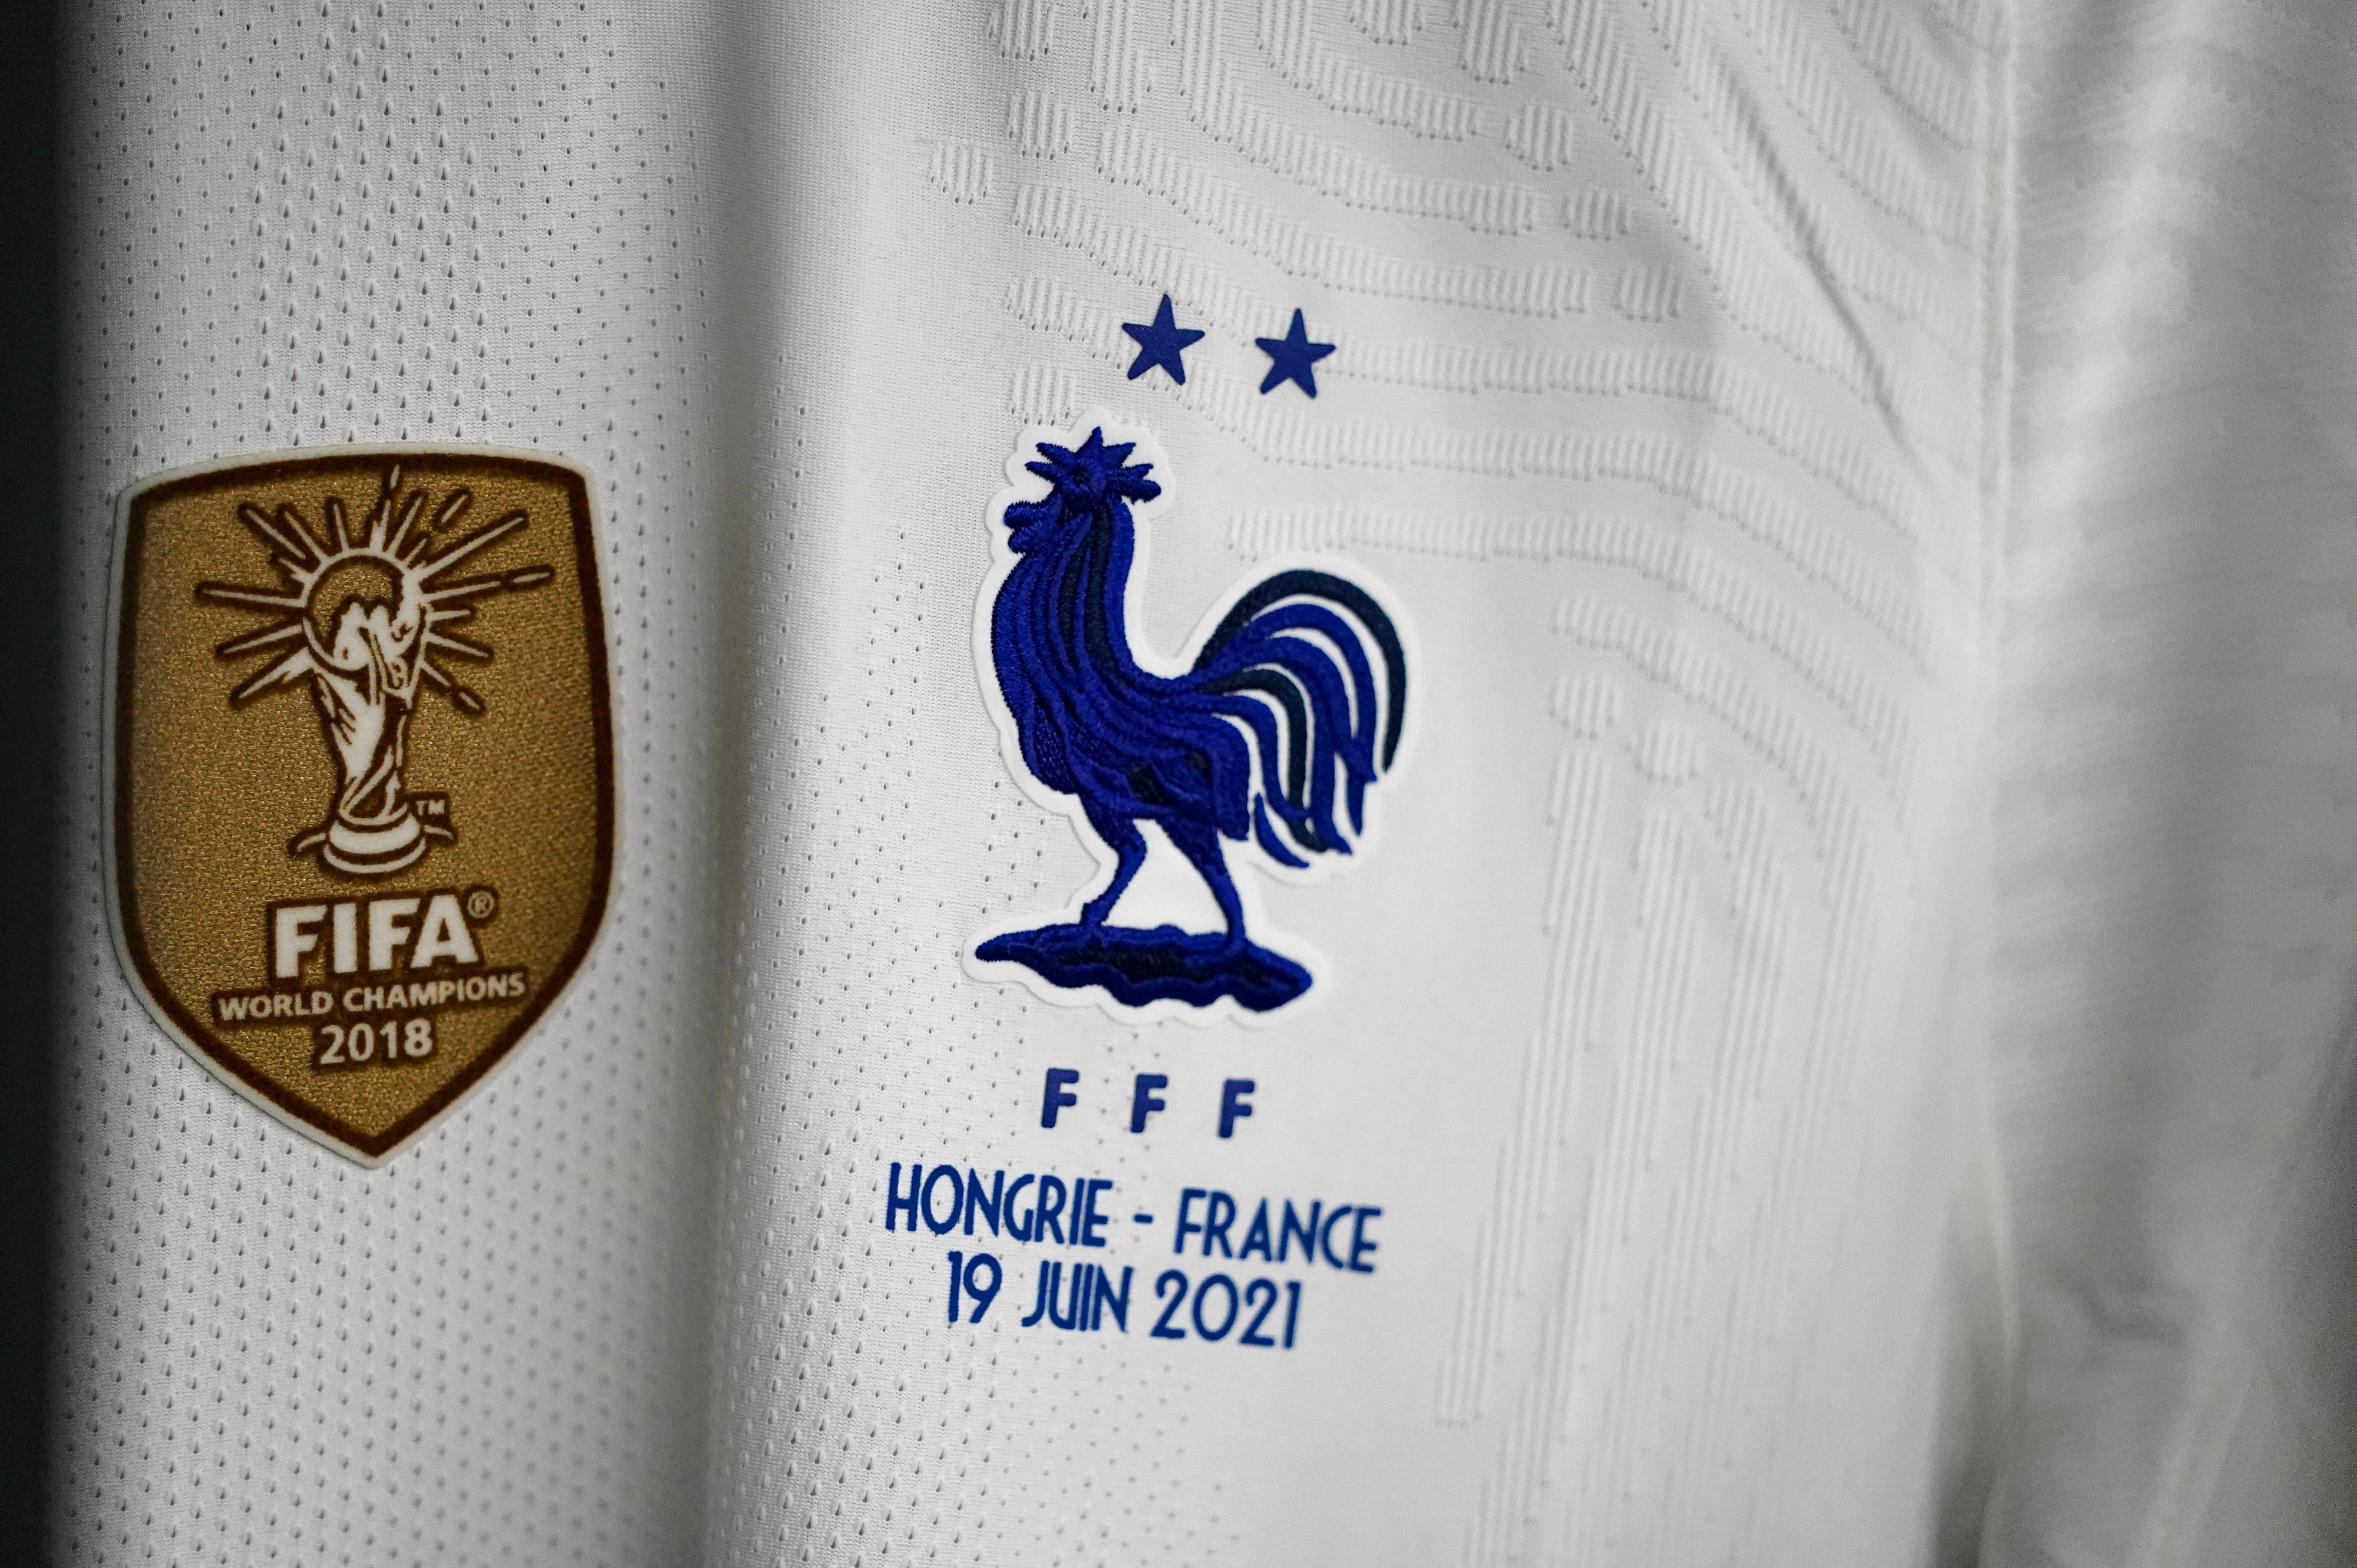 Hongrie-France UEFA Euro 2020